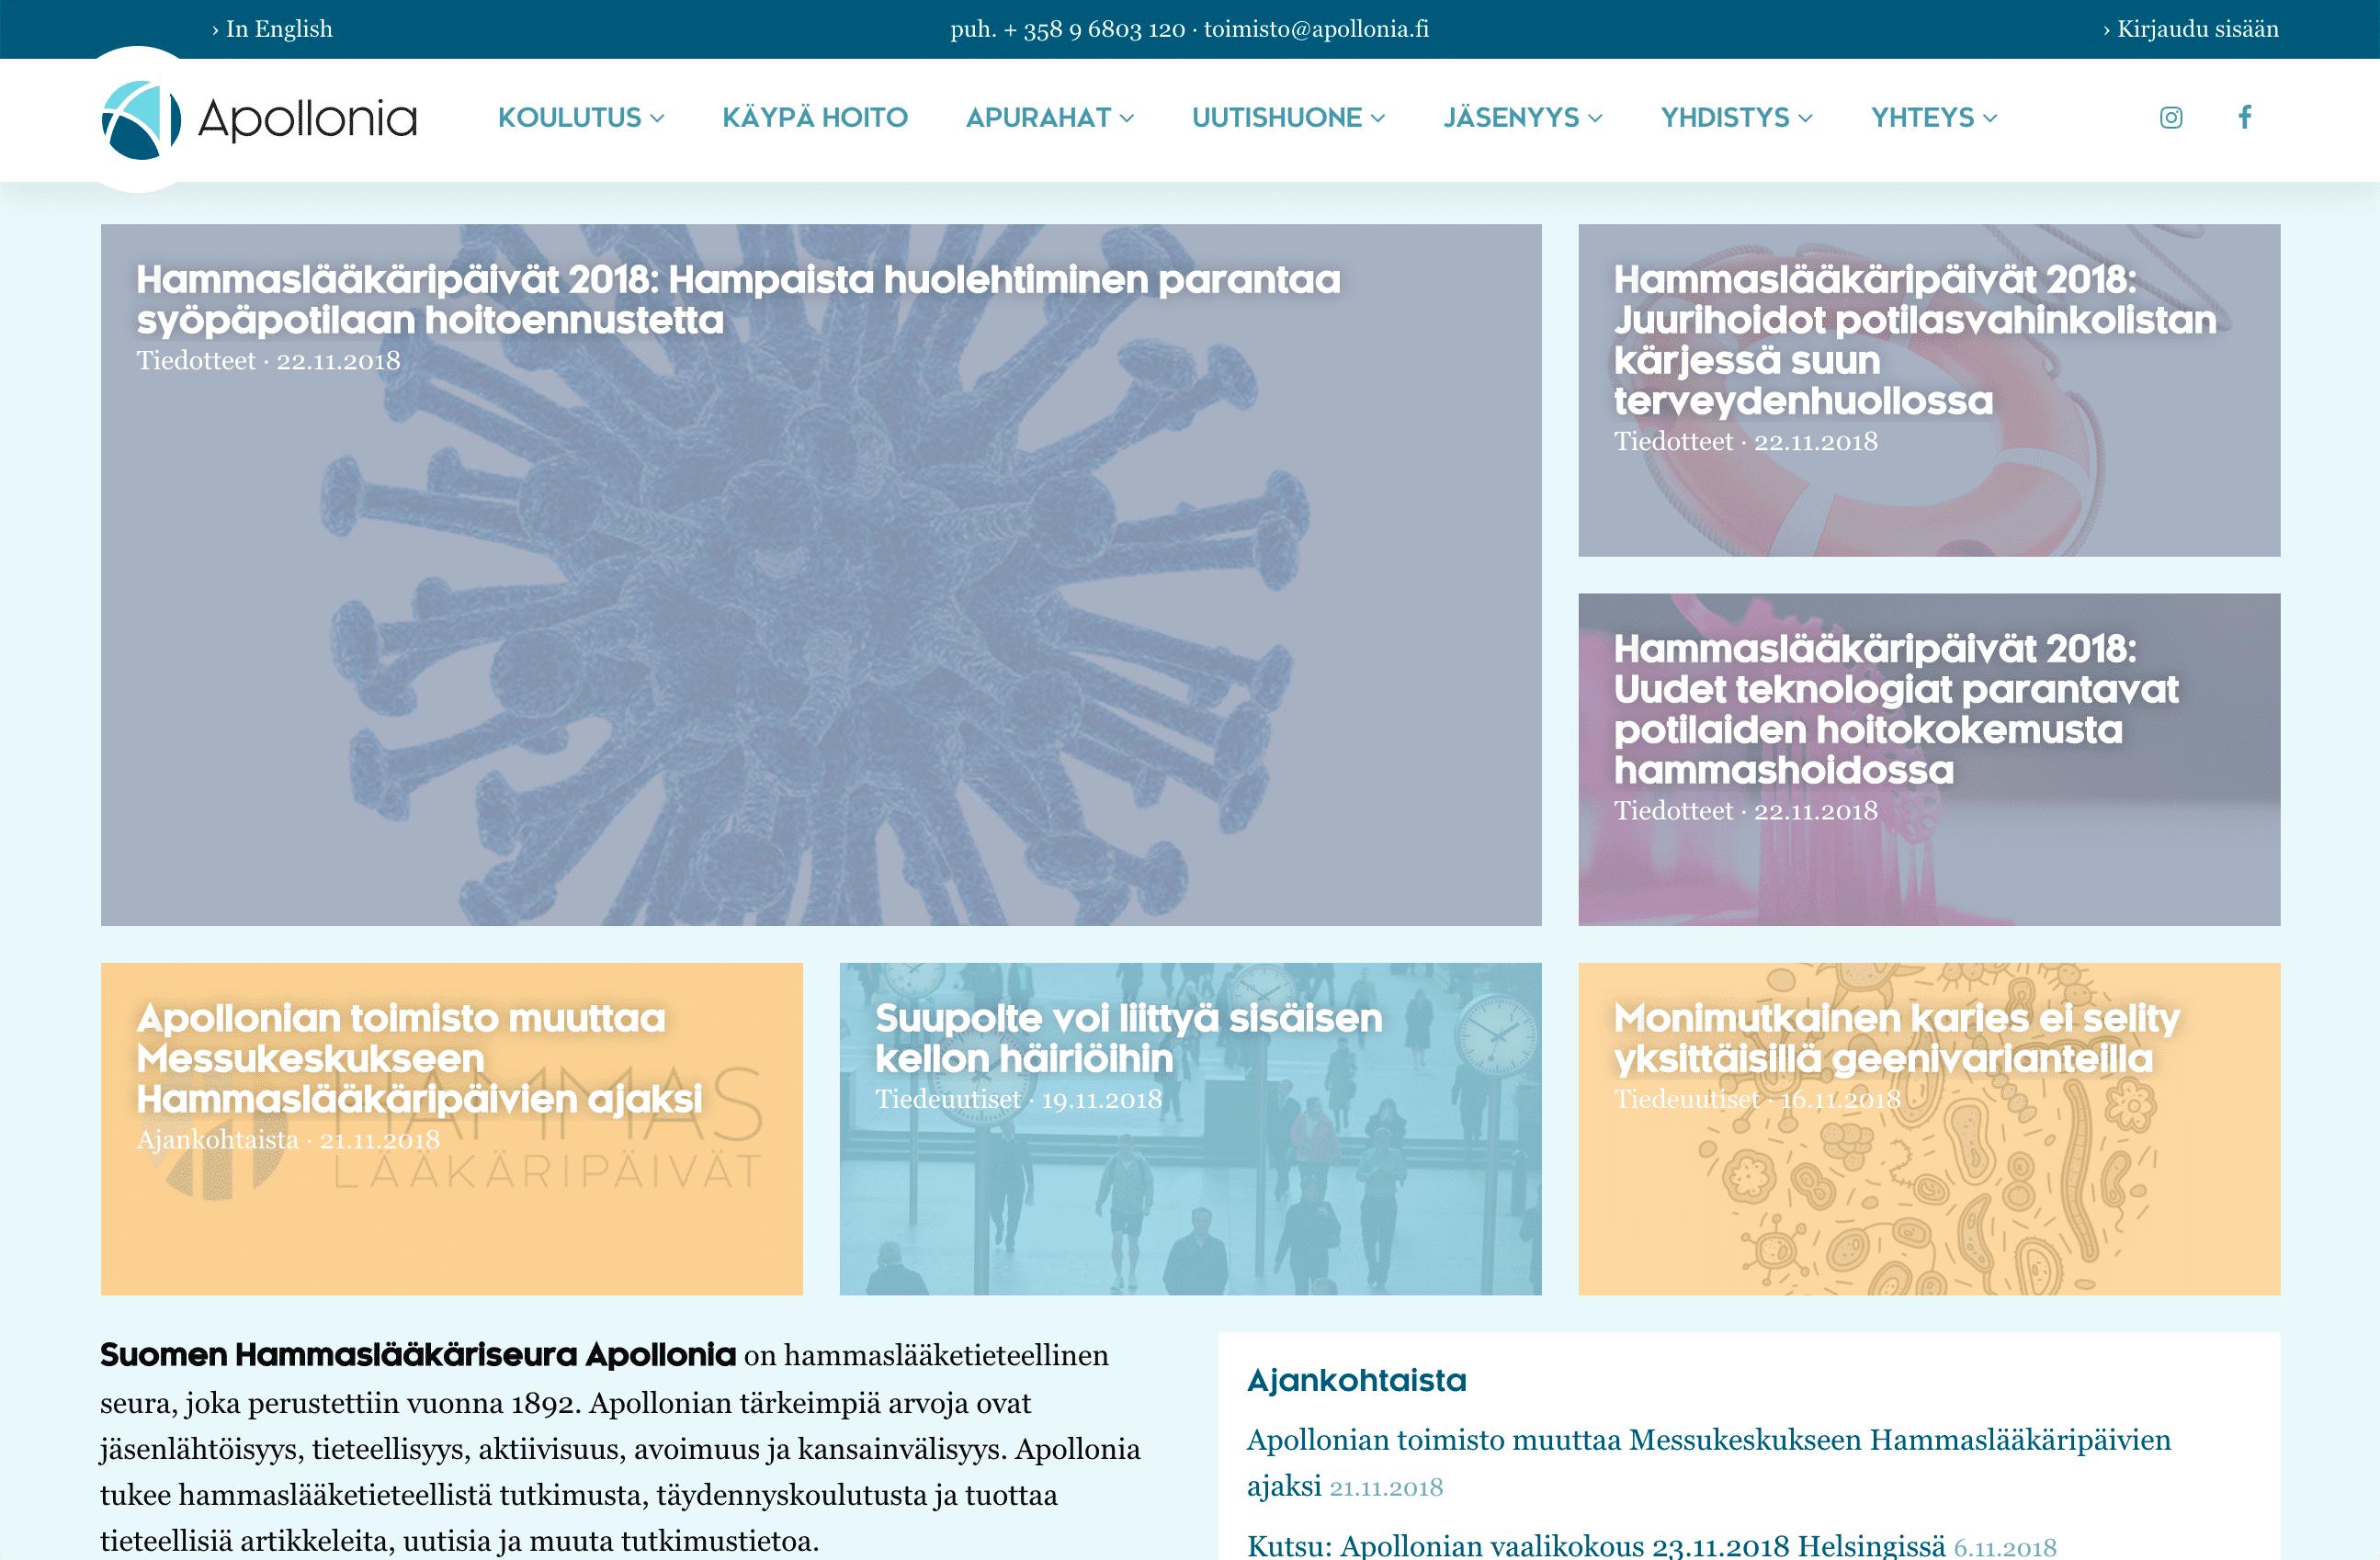 Apollonia- ja Hammaslääkäripäivät-verkkosivustot